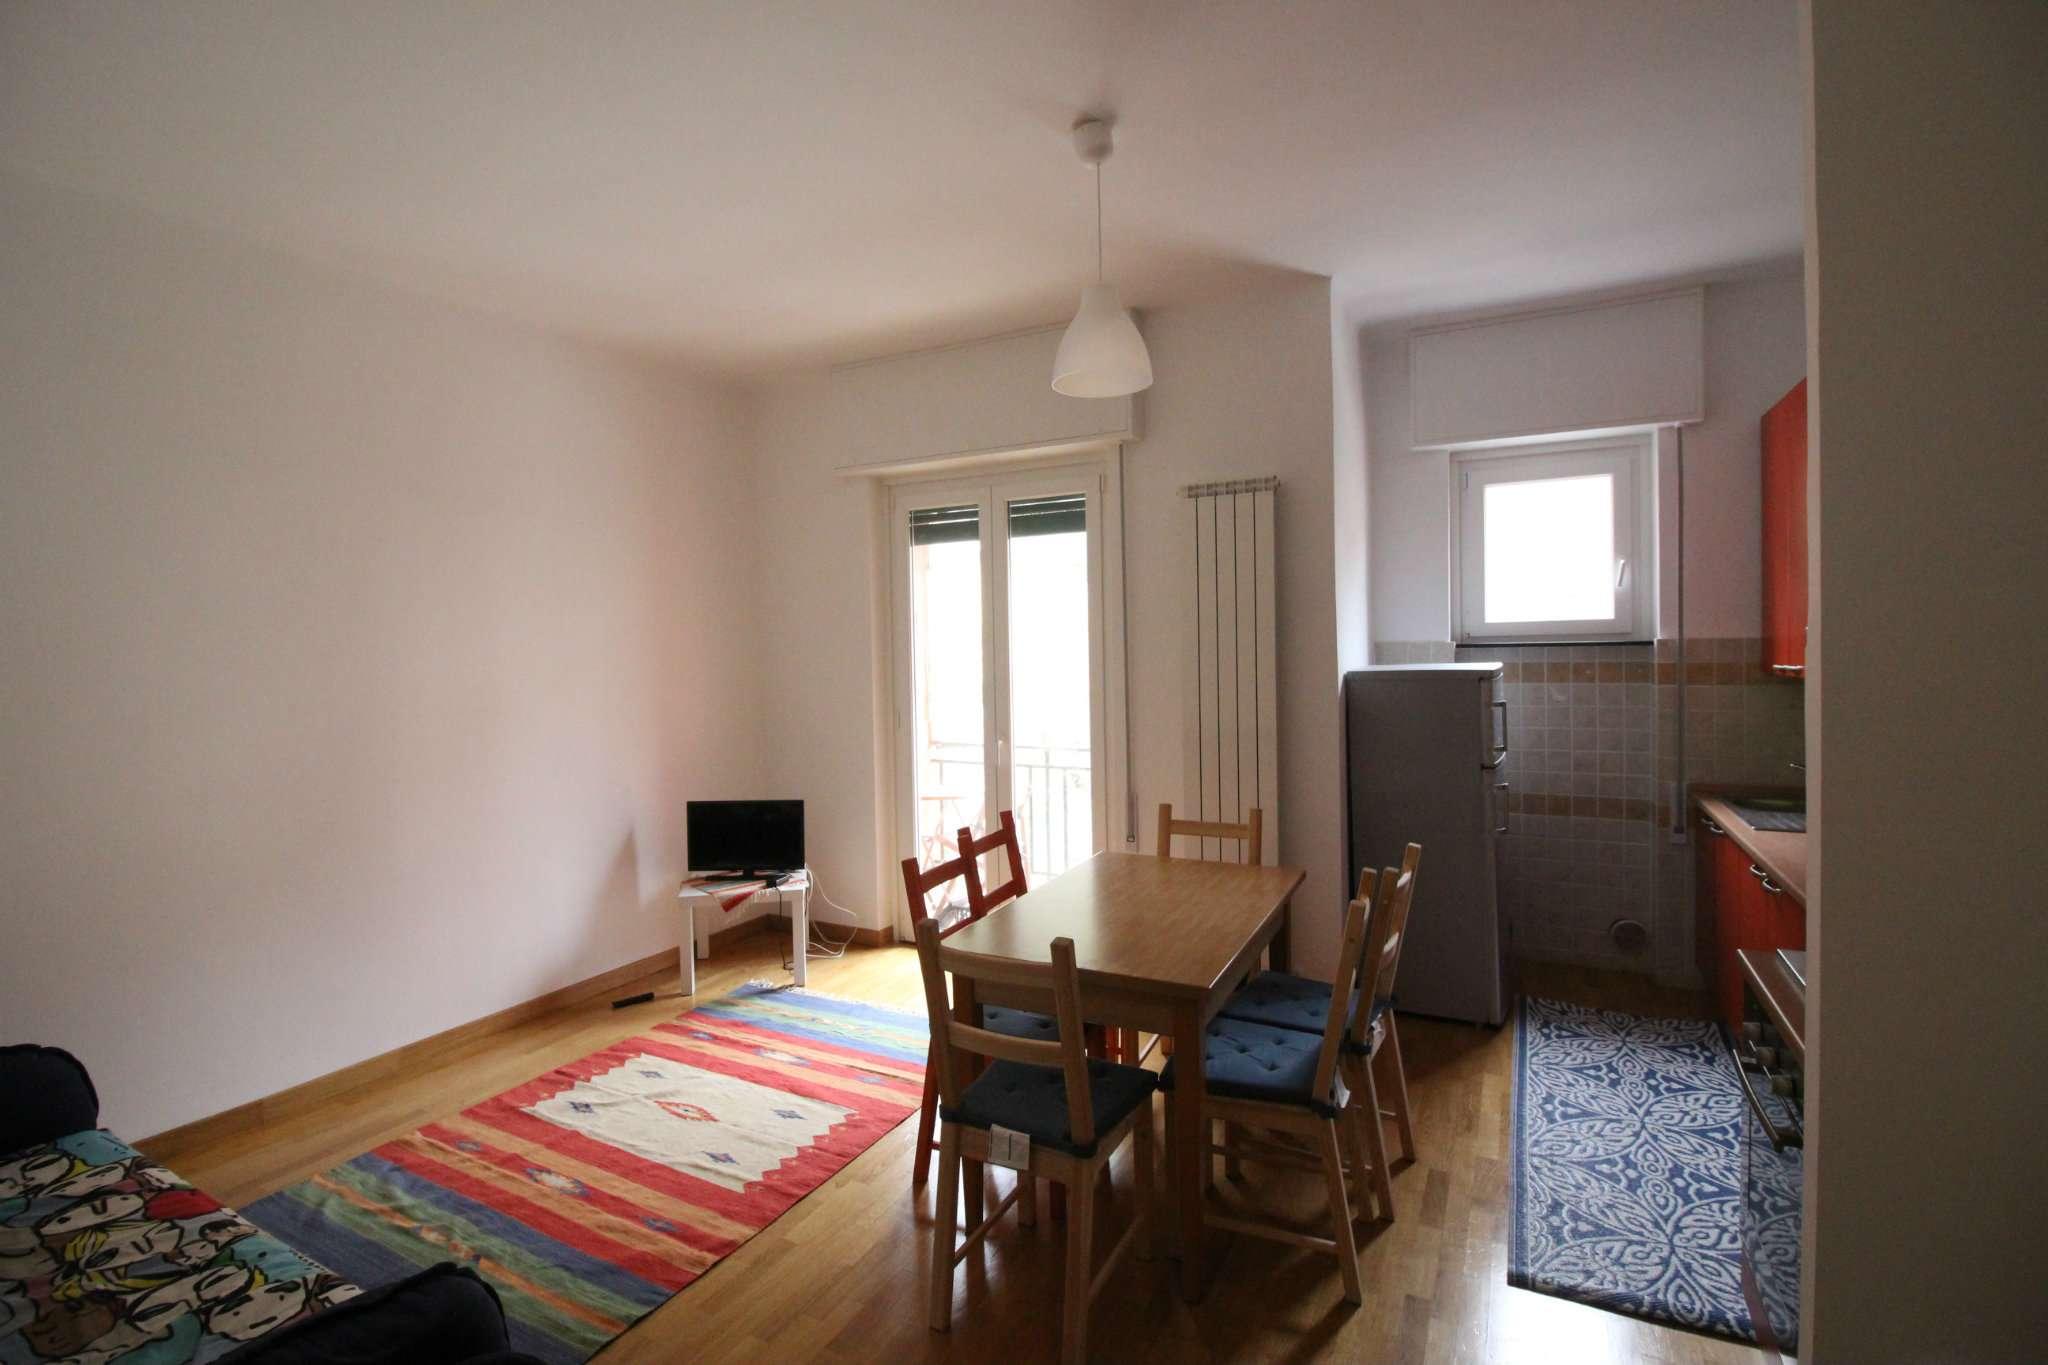 Appartamento in affitto a Sori, 2 locali, prezzo € 500 | CambioCasa.it